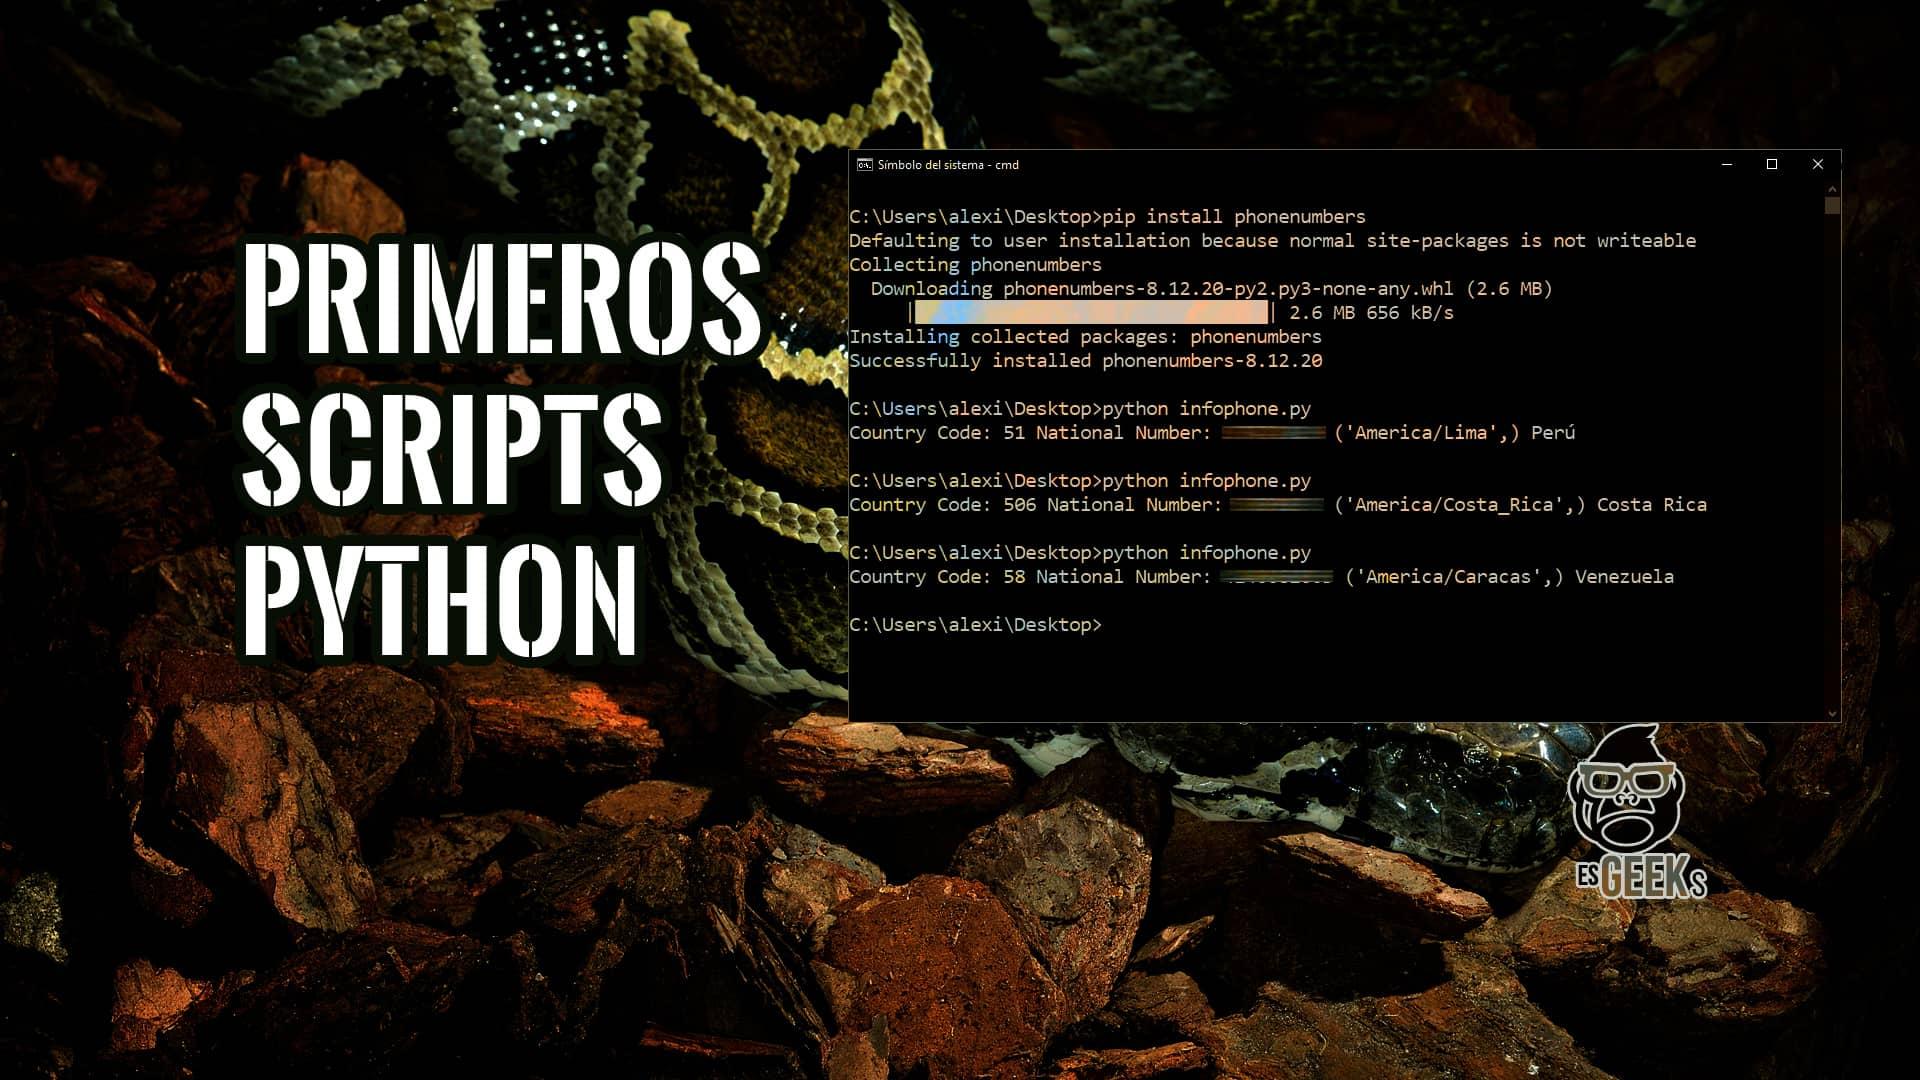 Ejemplos de Primeros Scripts con Python